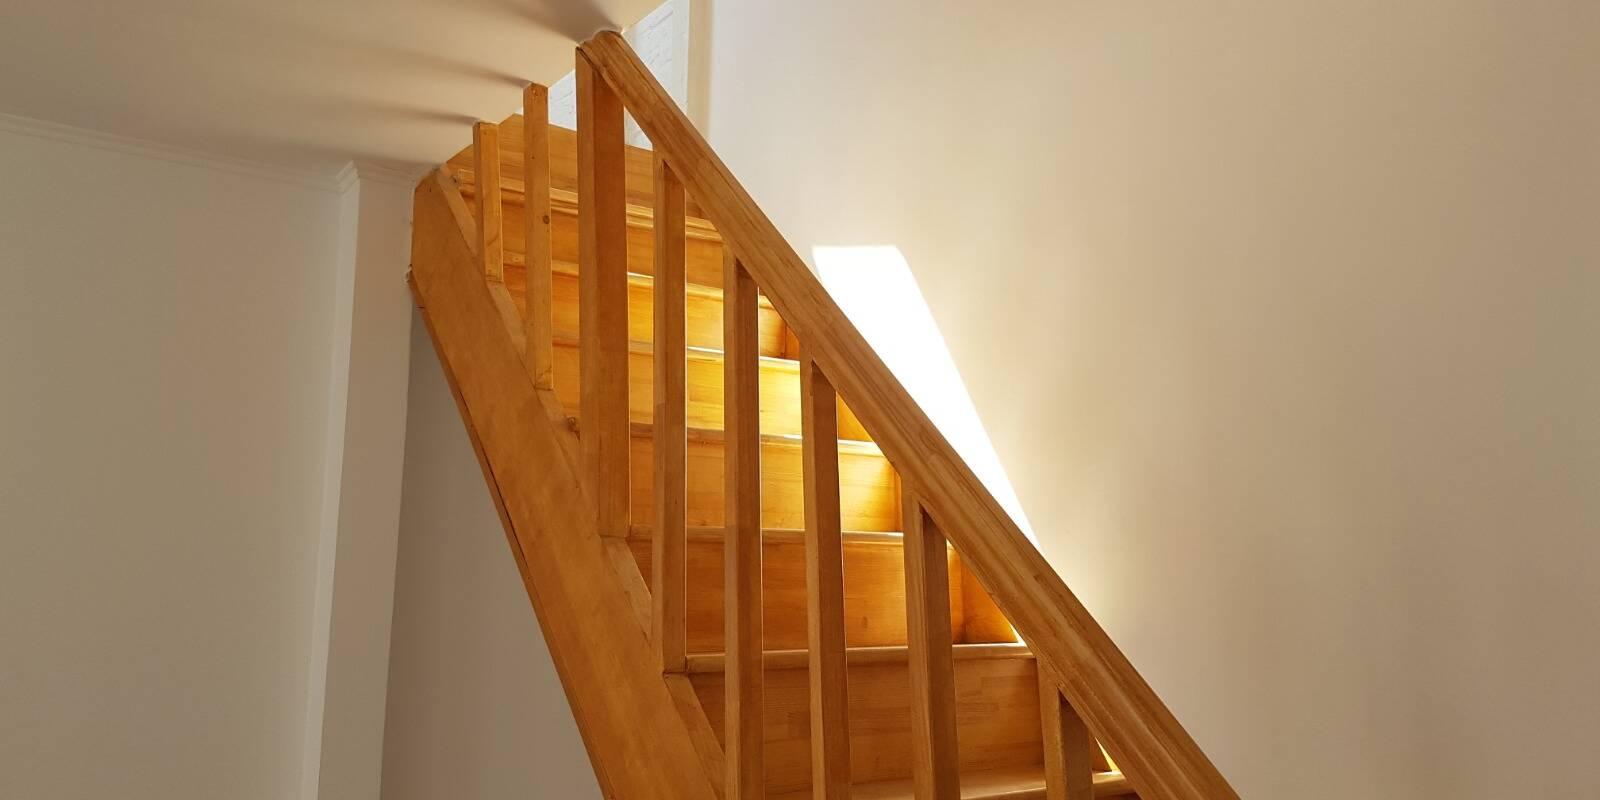 scari interioare lemn case mici alma